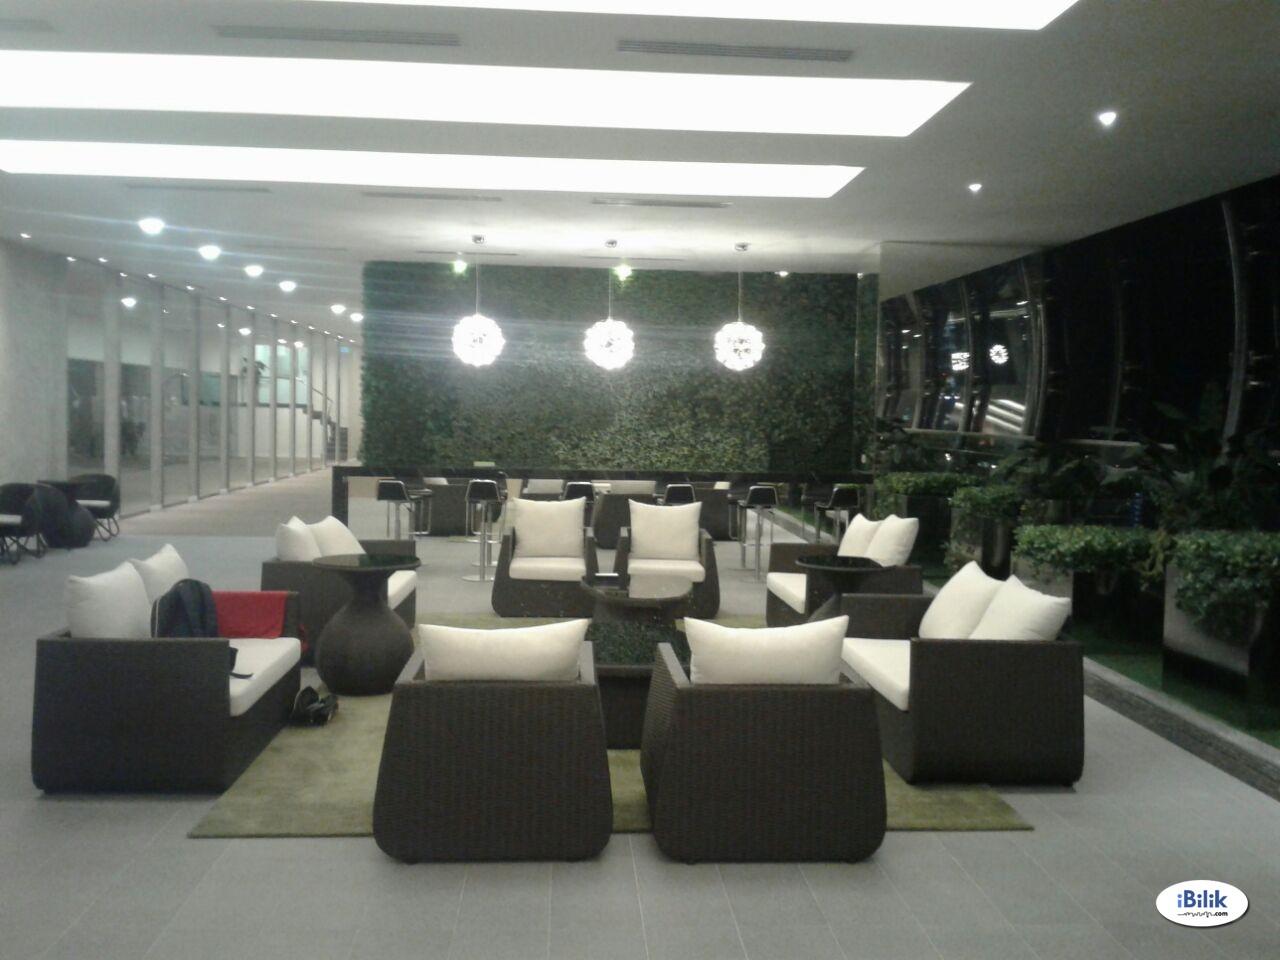 Apartment Room at Ampang Hilir, Kuala Lumpur